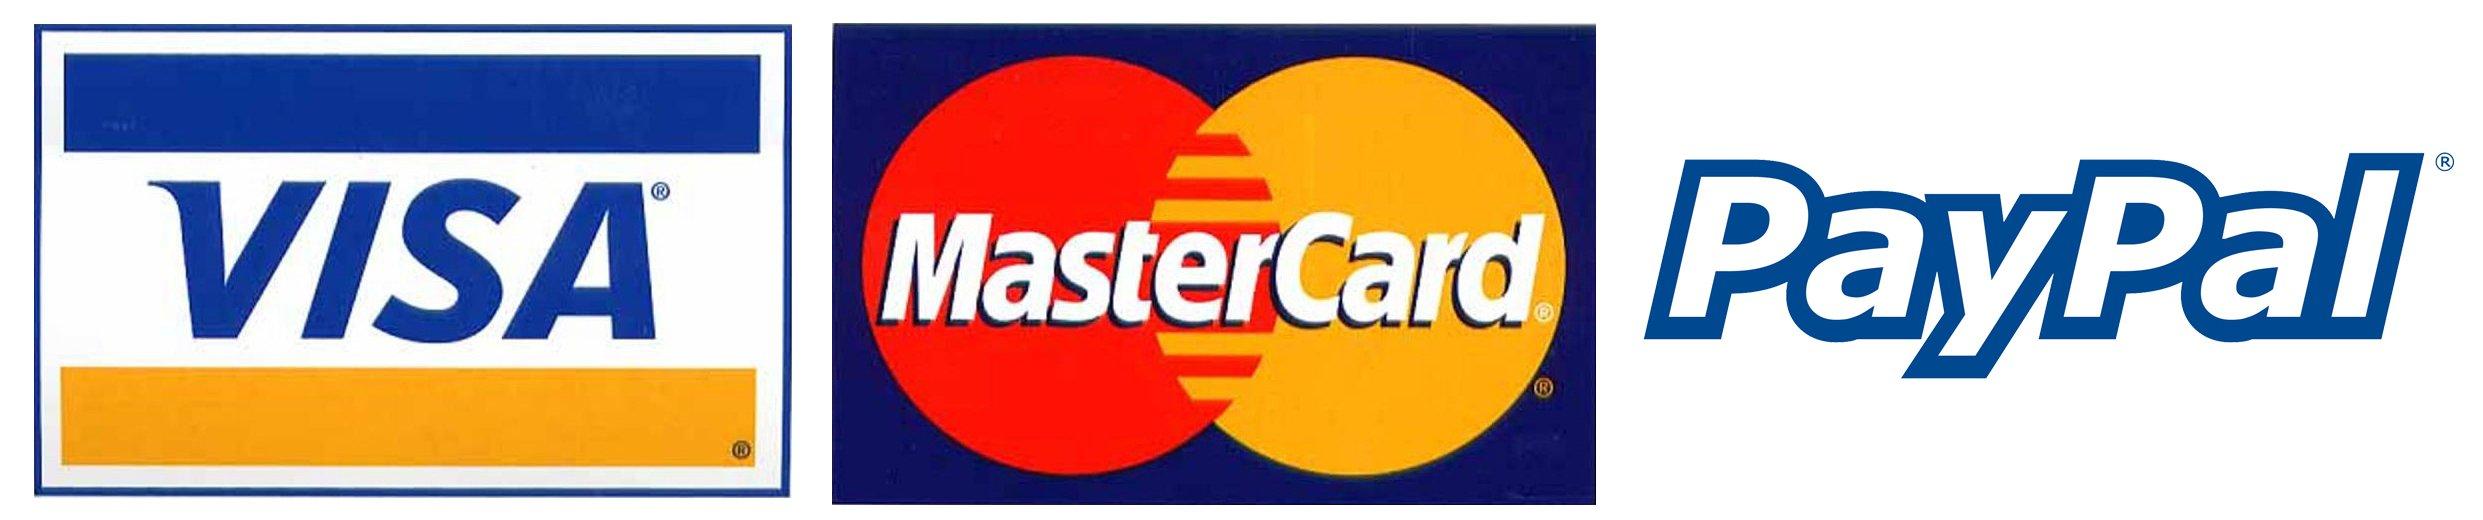 14_visa_mastercard_paypal_.jpg